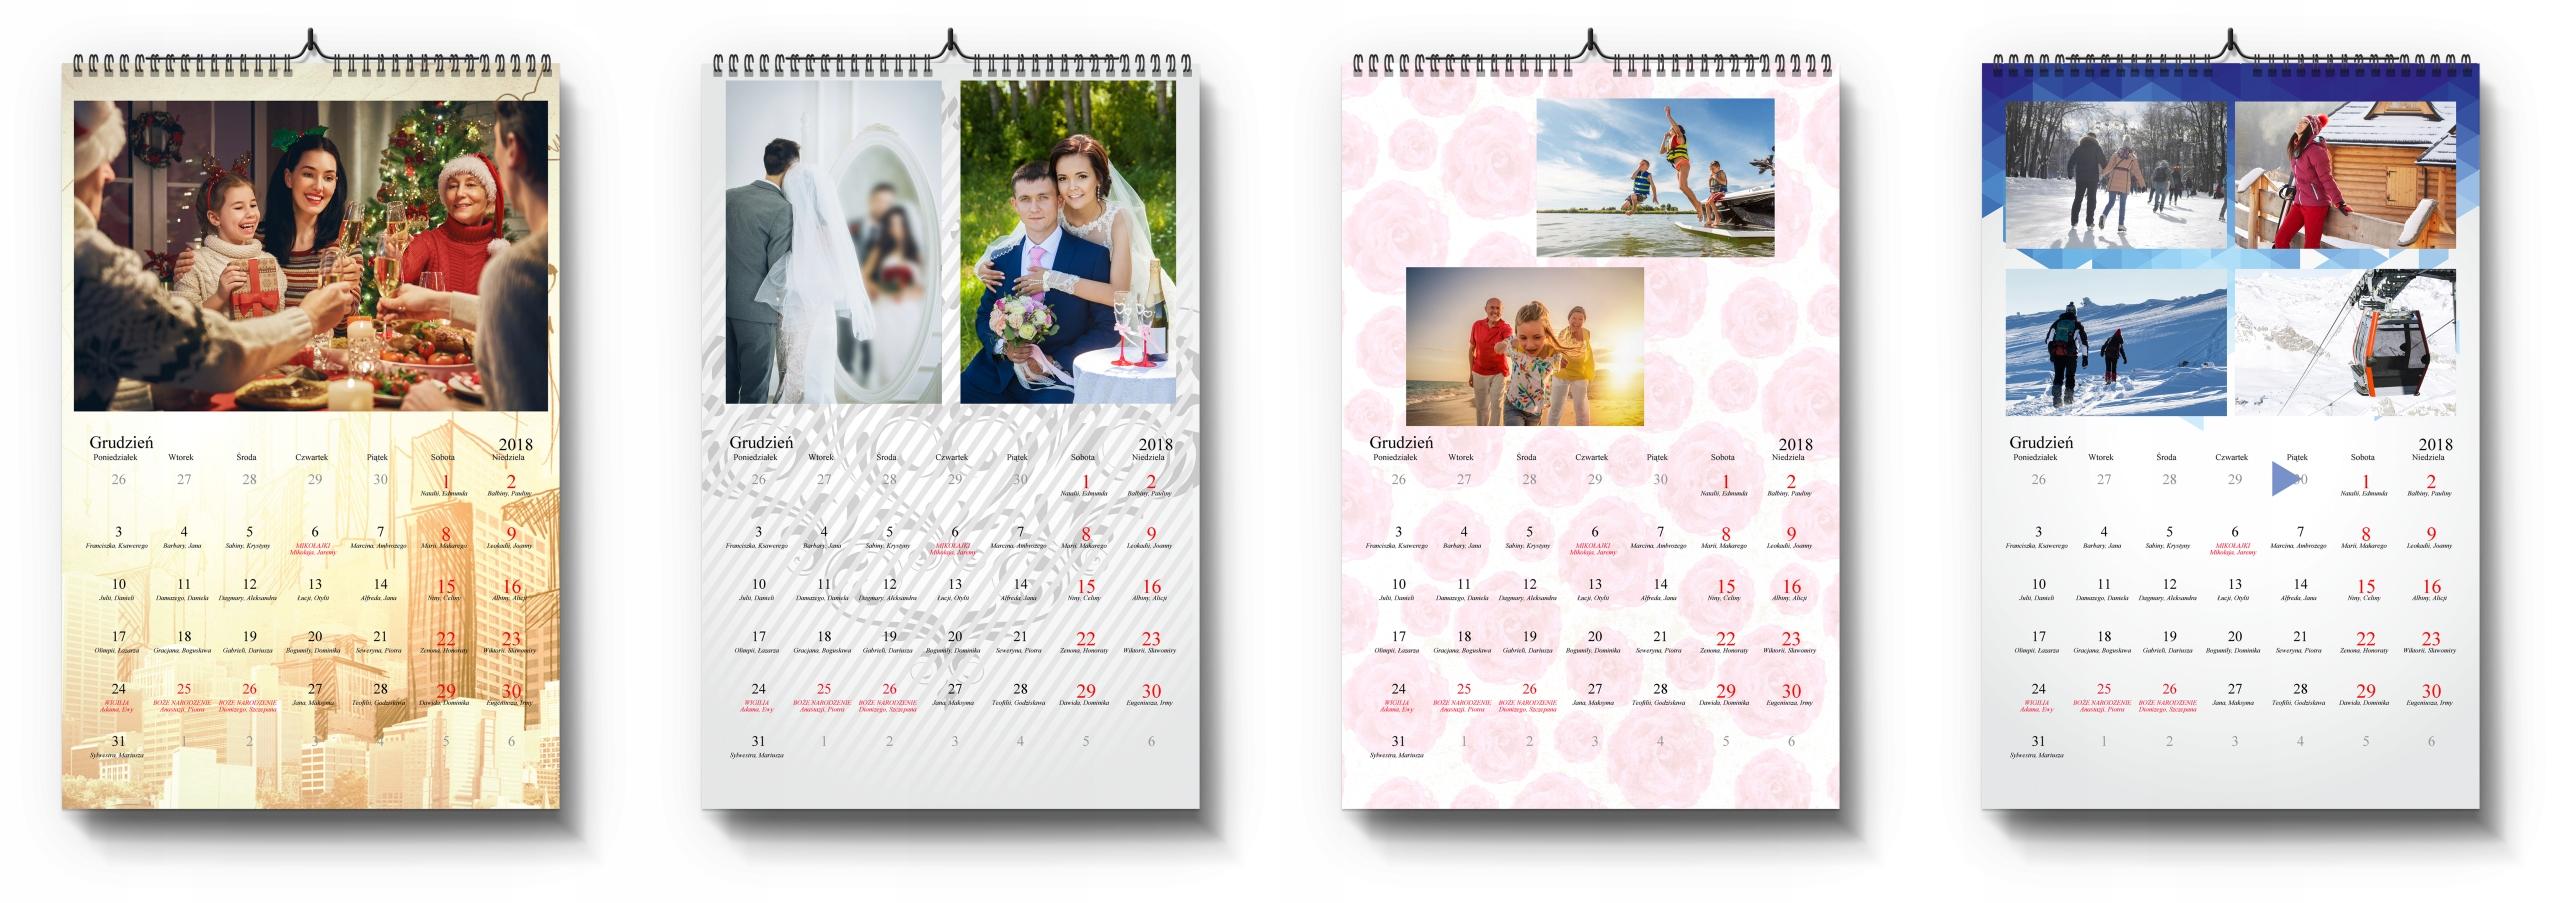 календарь с фотографиями на заказ люберцы фотки